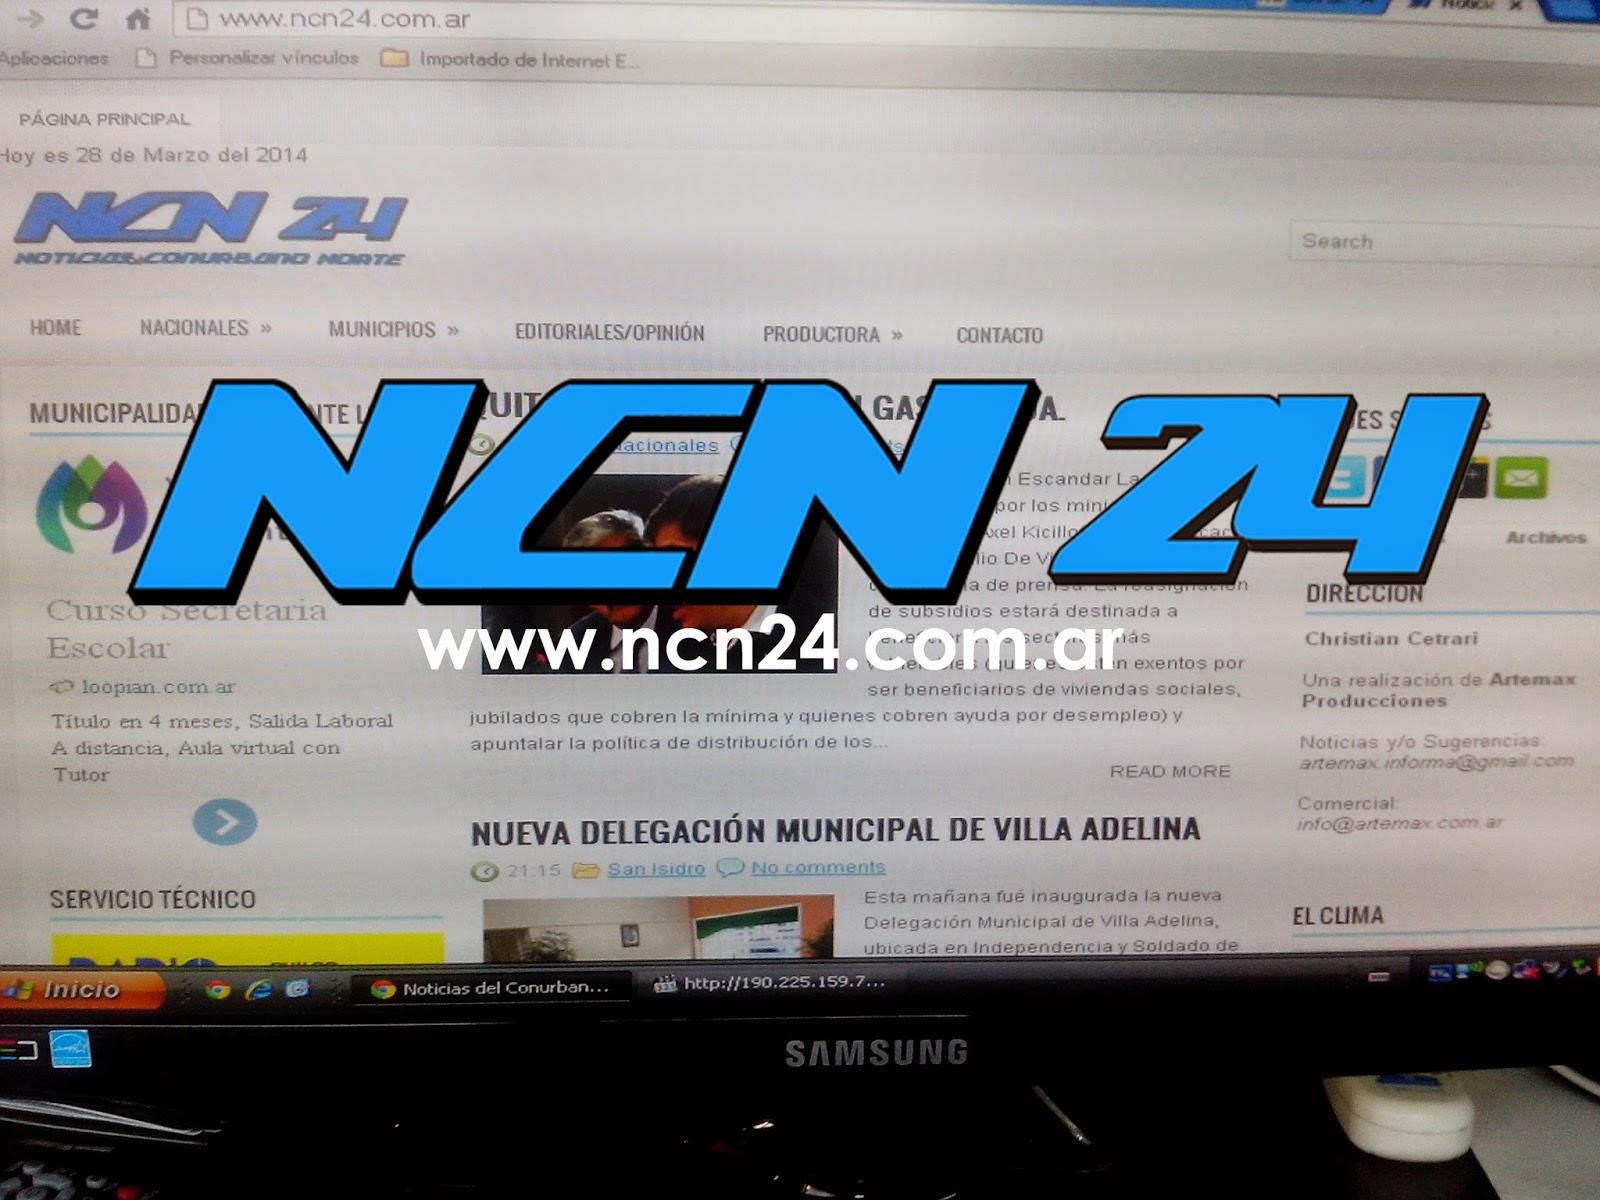 Noticias del Conurbano Norte